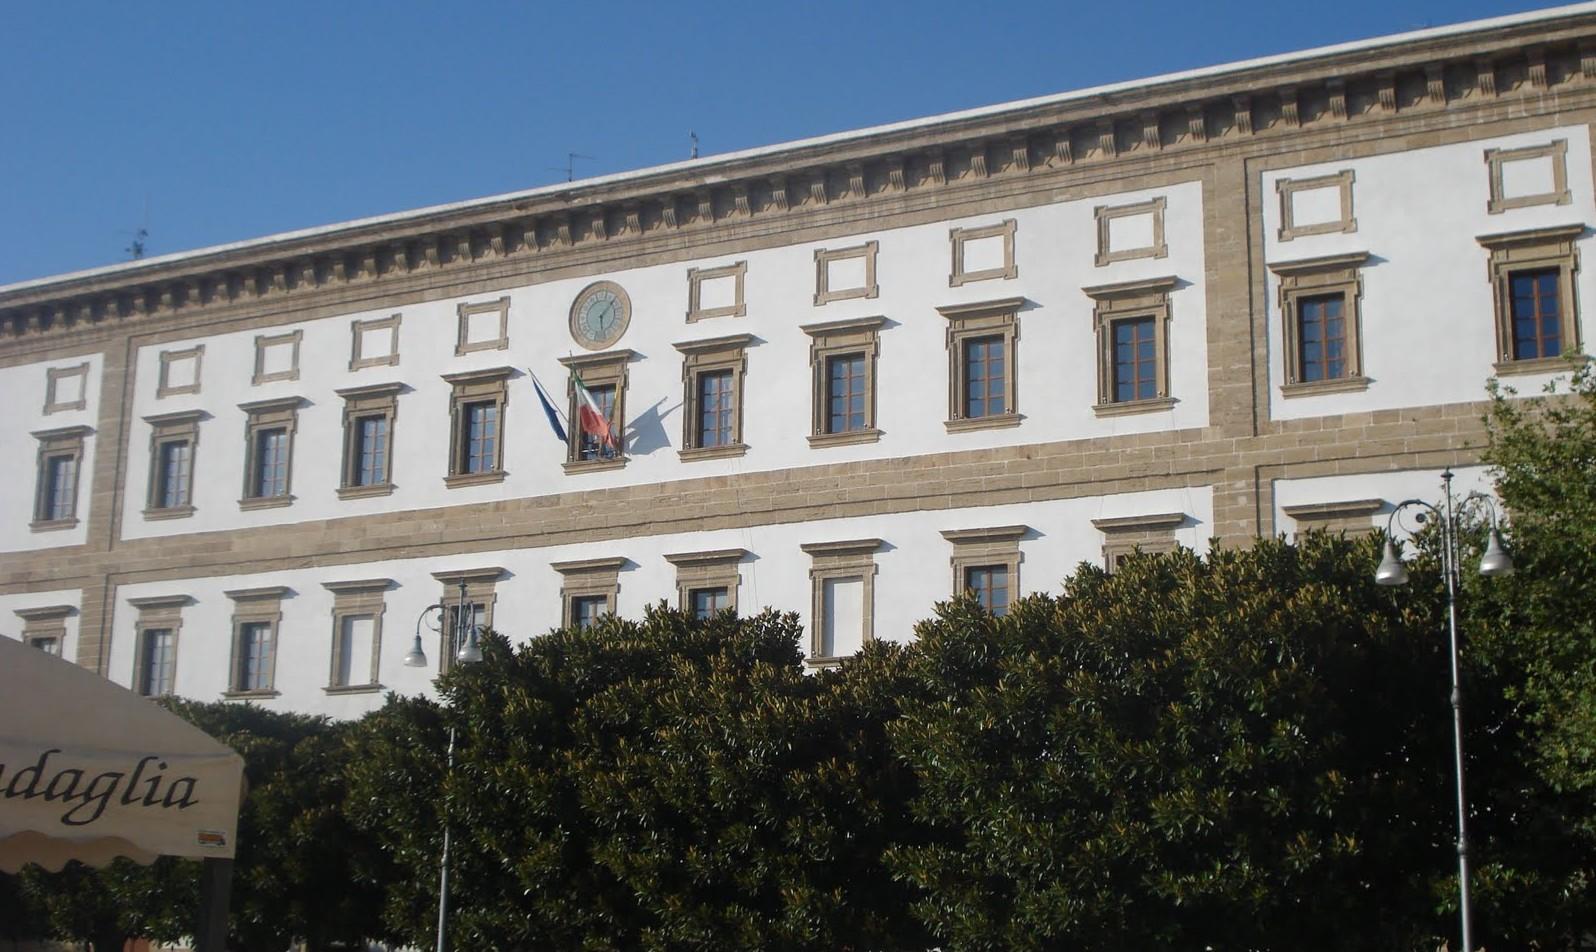 Viadotto Cansalamone, i contenuti della relazione